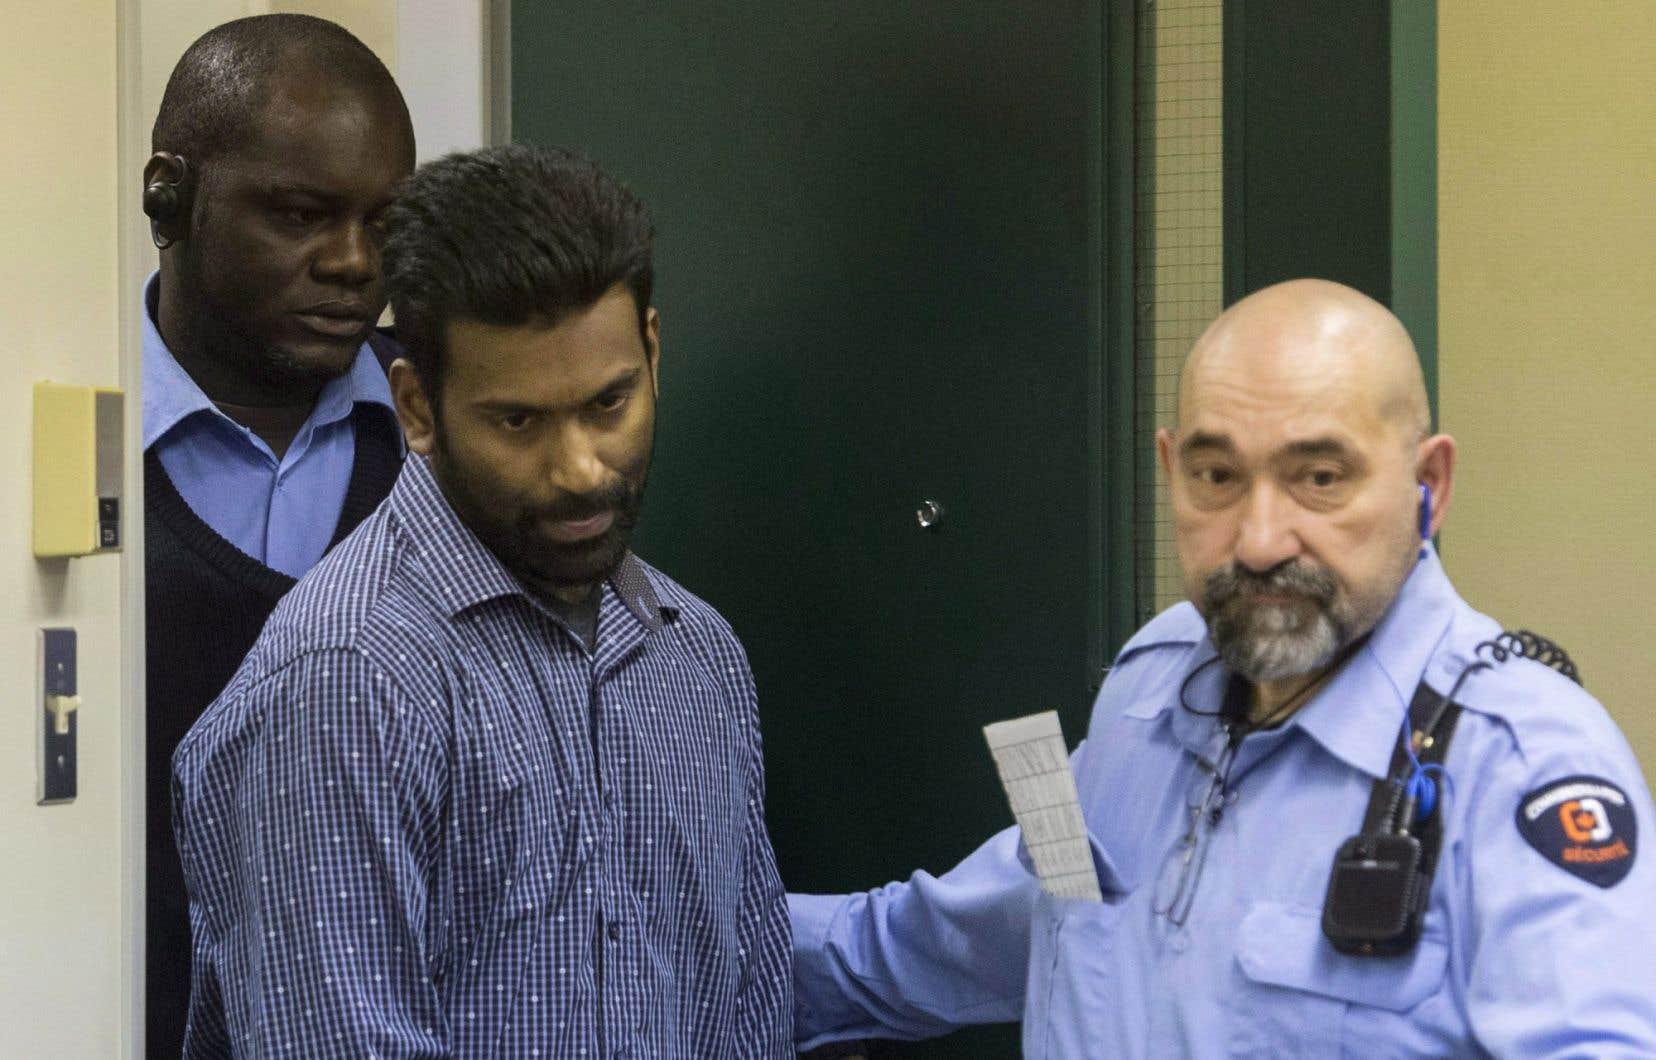 Sivaloganathan Thanabalasingham est devenu en avril dernier le premier accusé au Québec à avoir évité d'être jugé pour le meurtre de son épouse, Anuja Baskaran.